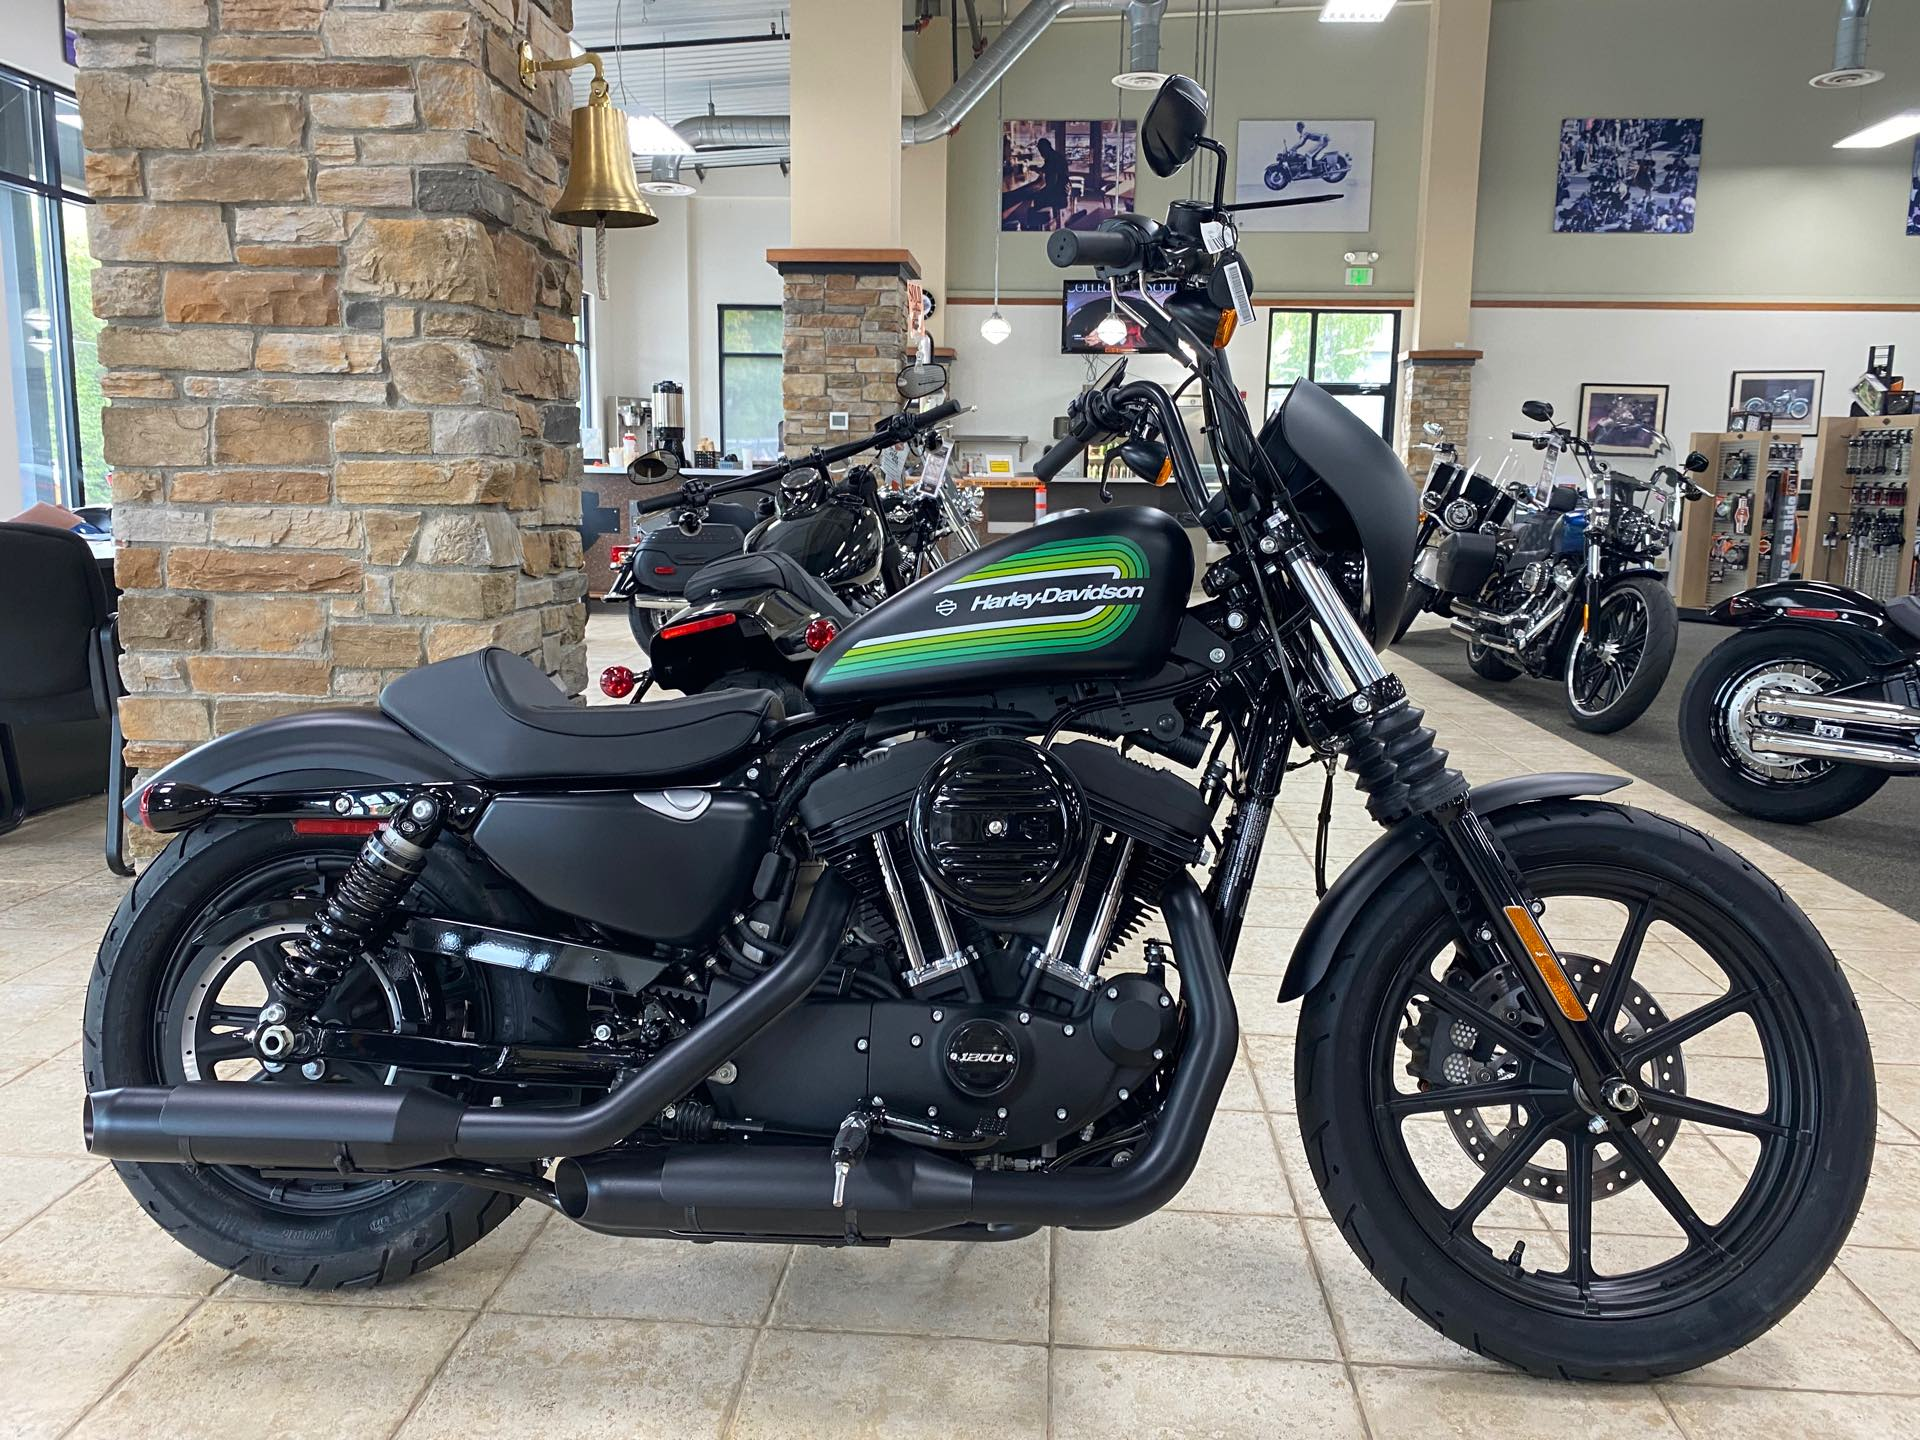 2021 Harley-Davidson Cruiser XL 1200NS Iron 1200 at Destination Harley-Davidson®, Silverdale, WA 98383